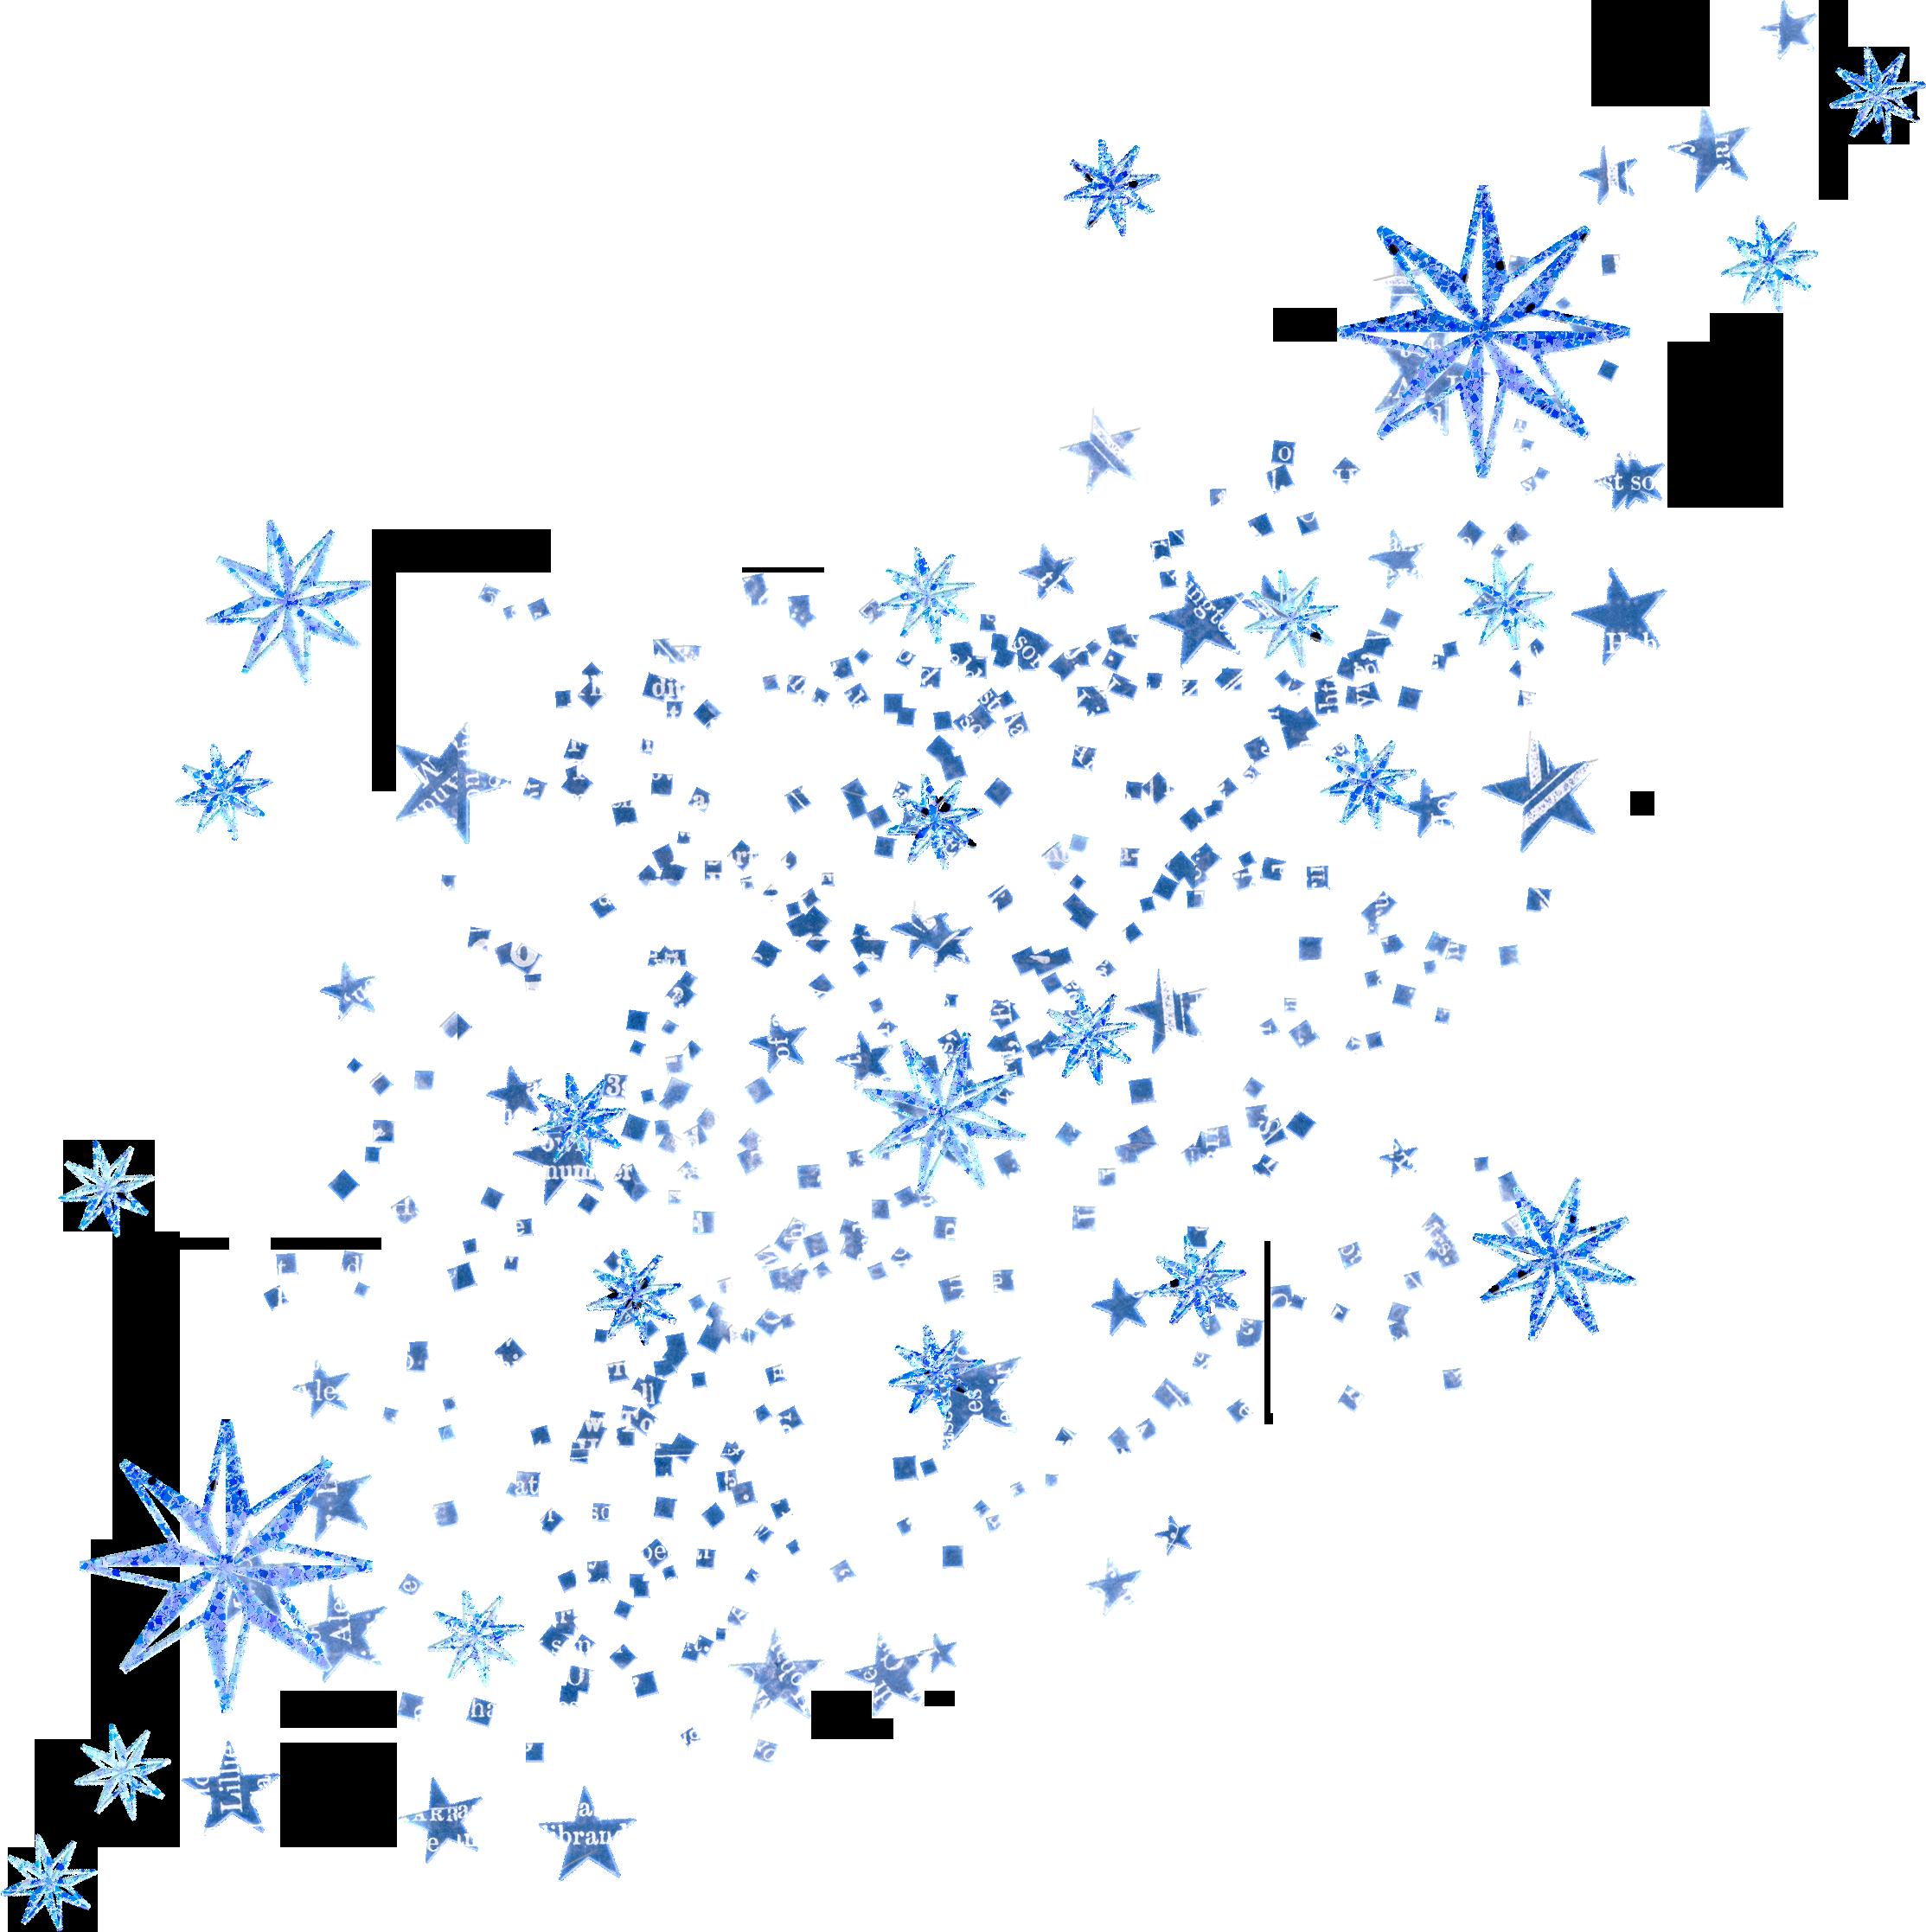 звезды на прозрачном фоне картинки